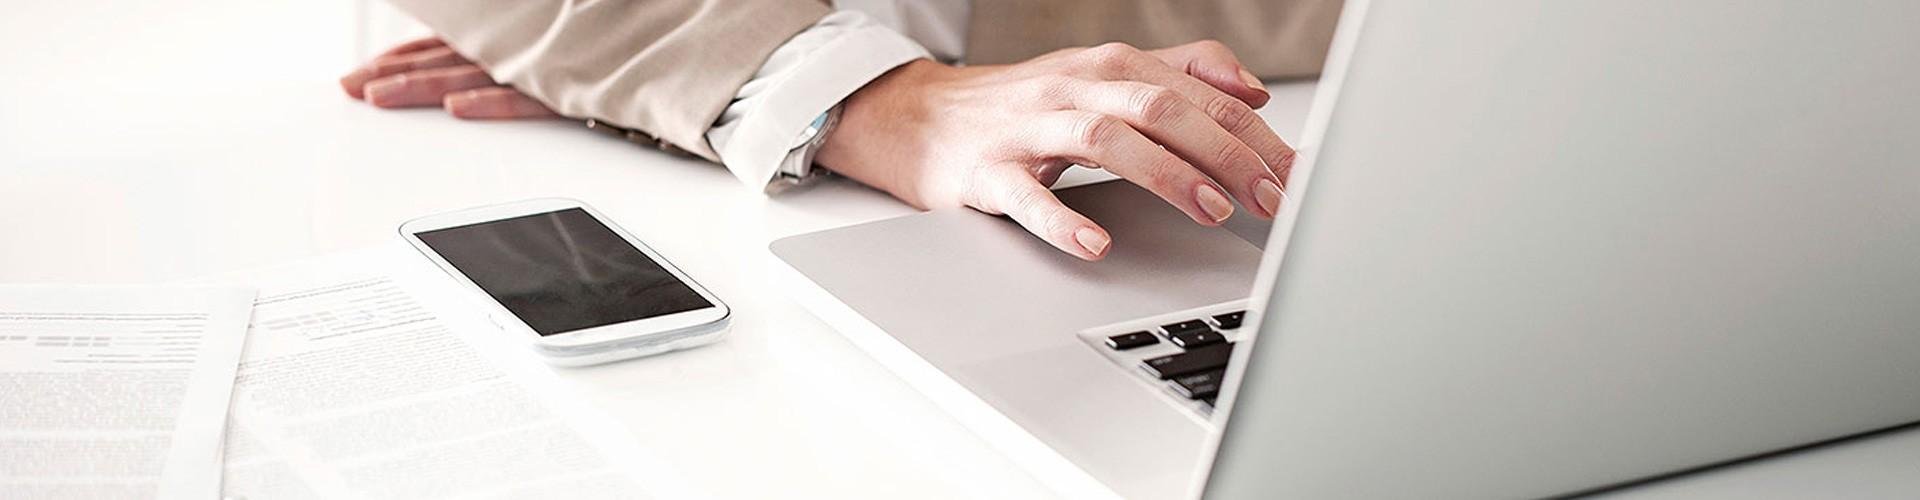 Obsługa komputera w CV. Jak opisać znajomość programów (np. Office)